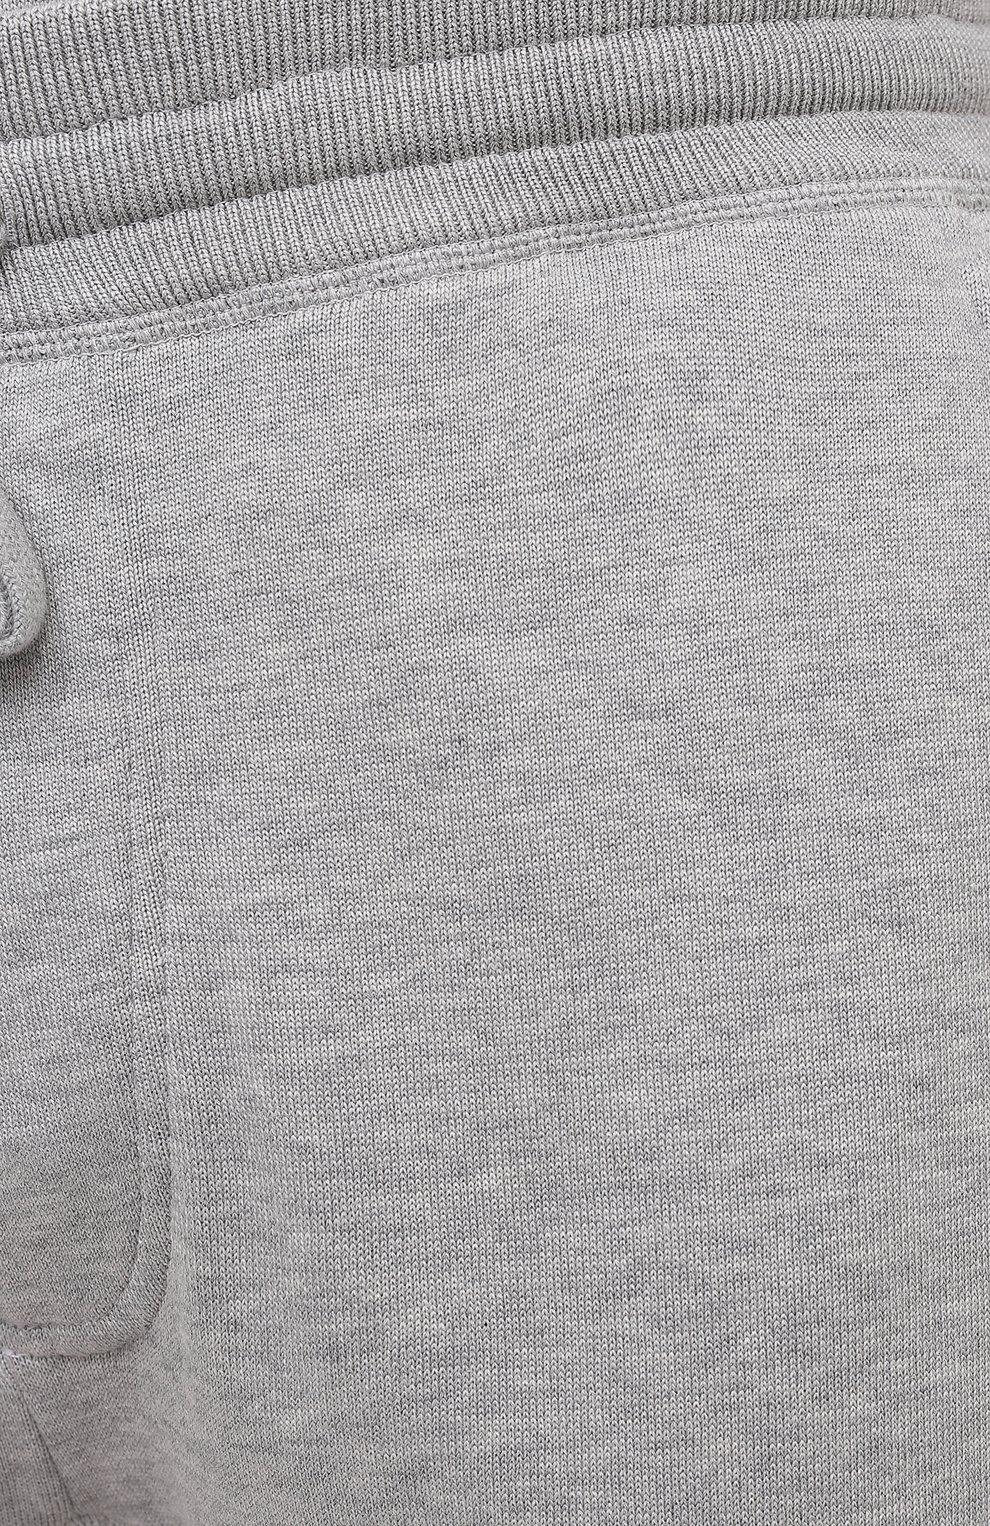 Мужские джоггеры из хлопка и шелка TOM FORD светло-серого цвета, арт. BWT21/TFKTR0 | Фото 5